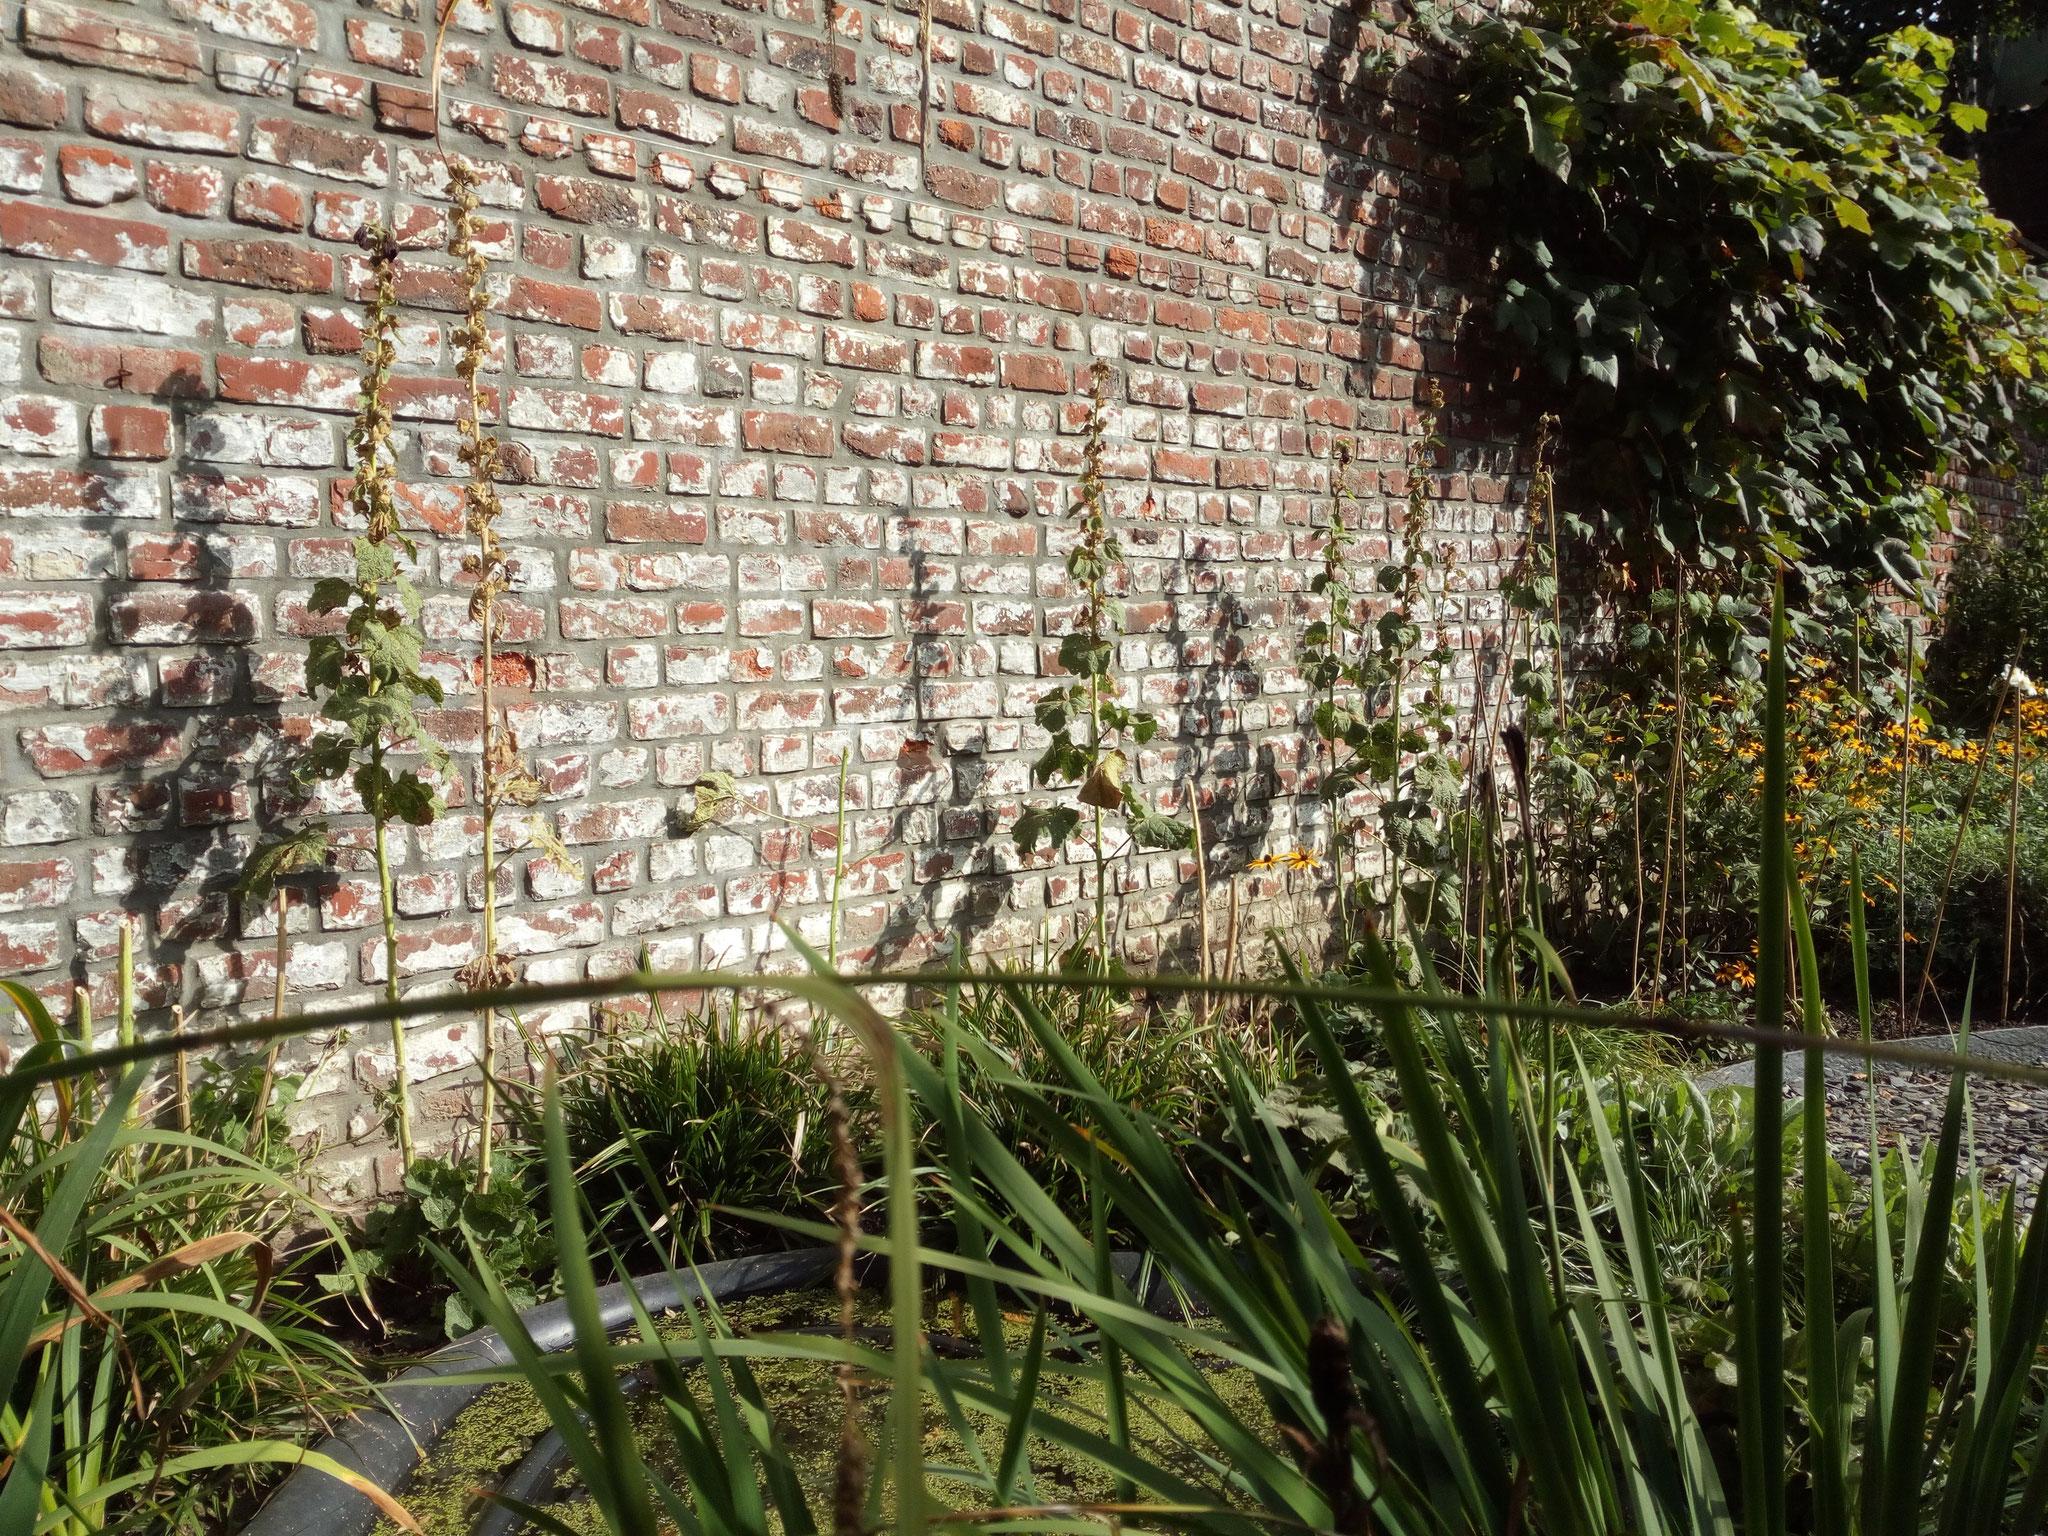 Jardin de ville 120m2 - 2 ans après - Détails: amarre existante et les roses trémières. Amenagement jardin Bruxelles